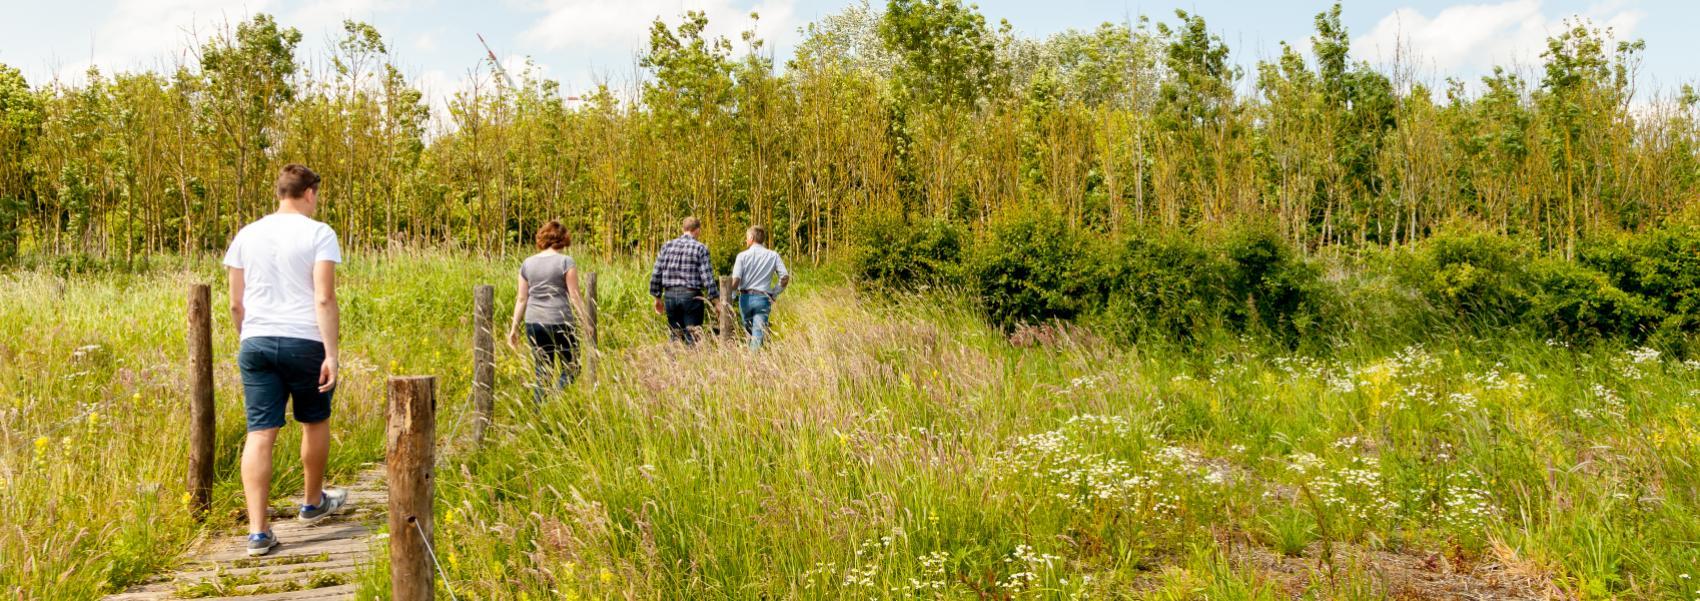 wandelaars in het grassenlandschap